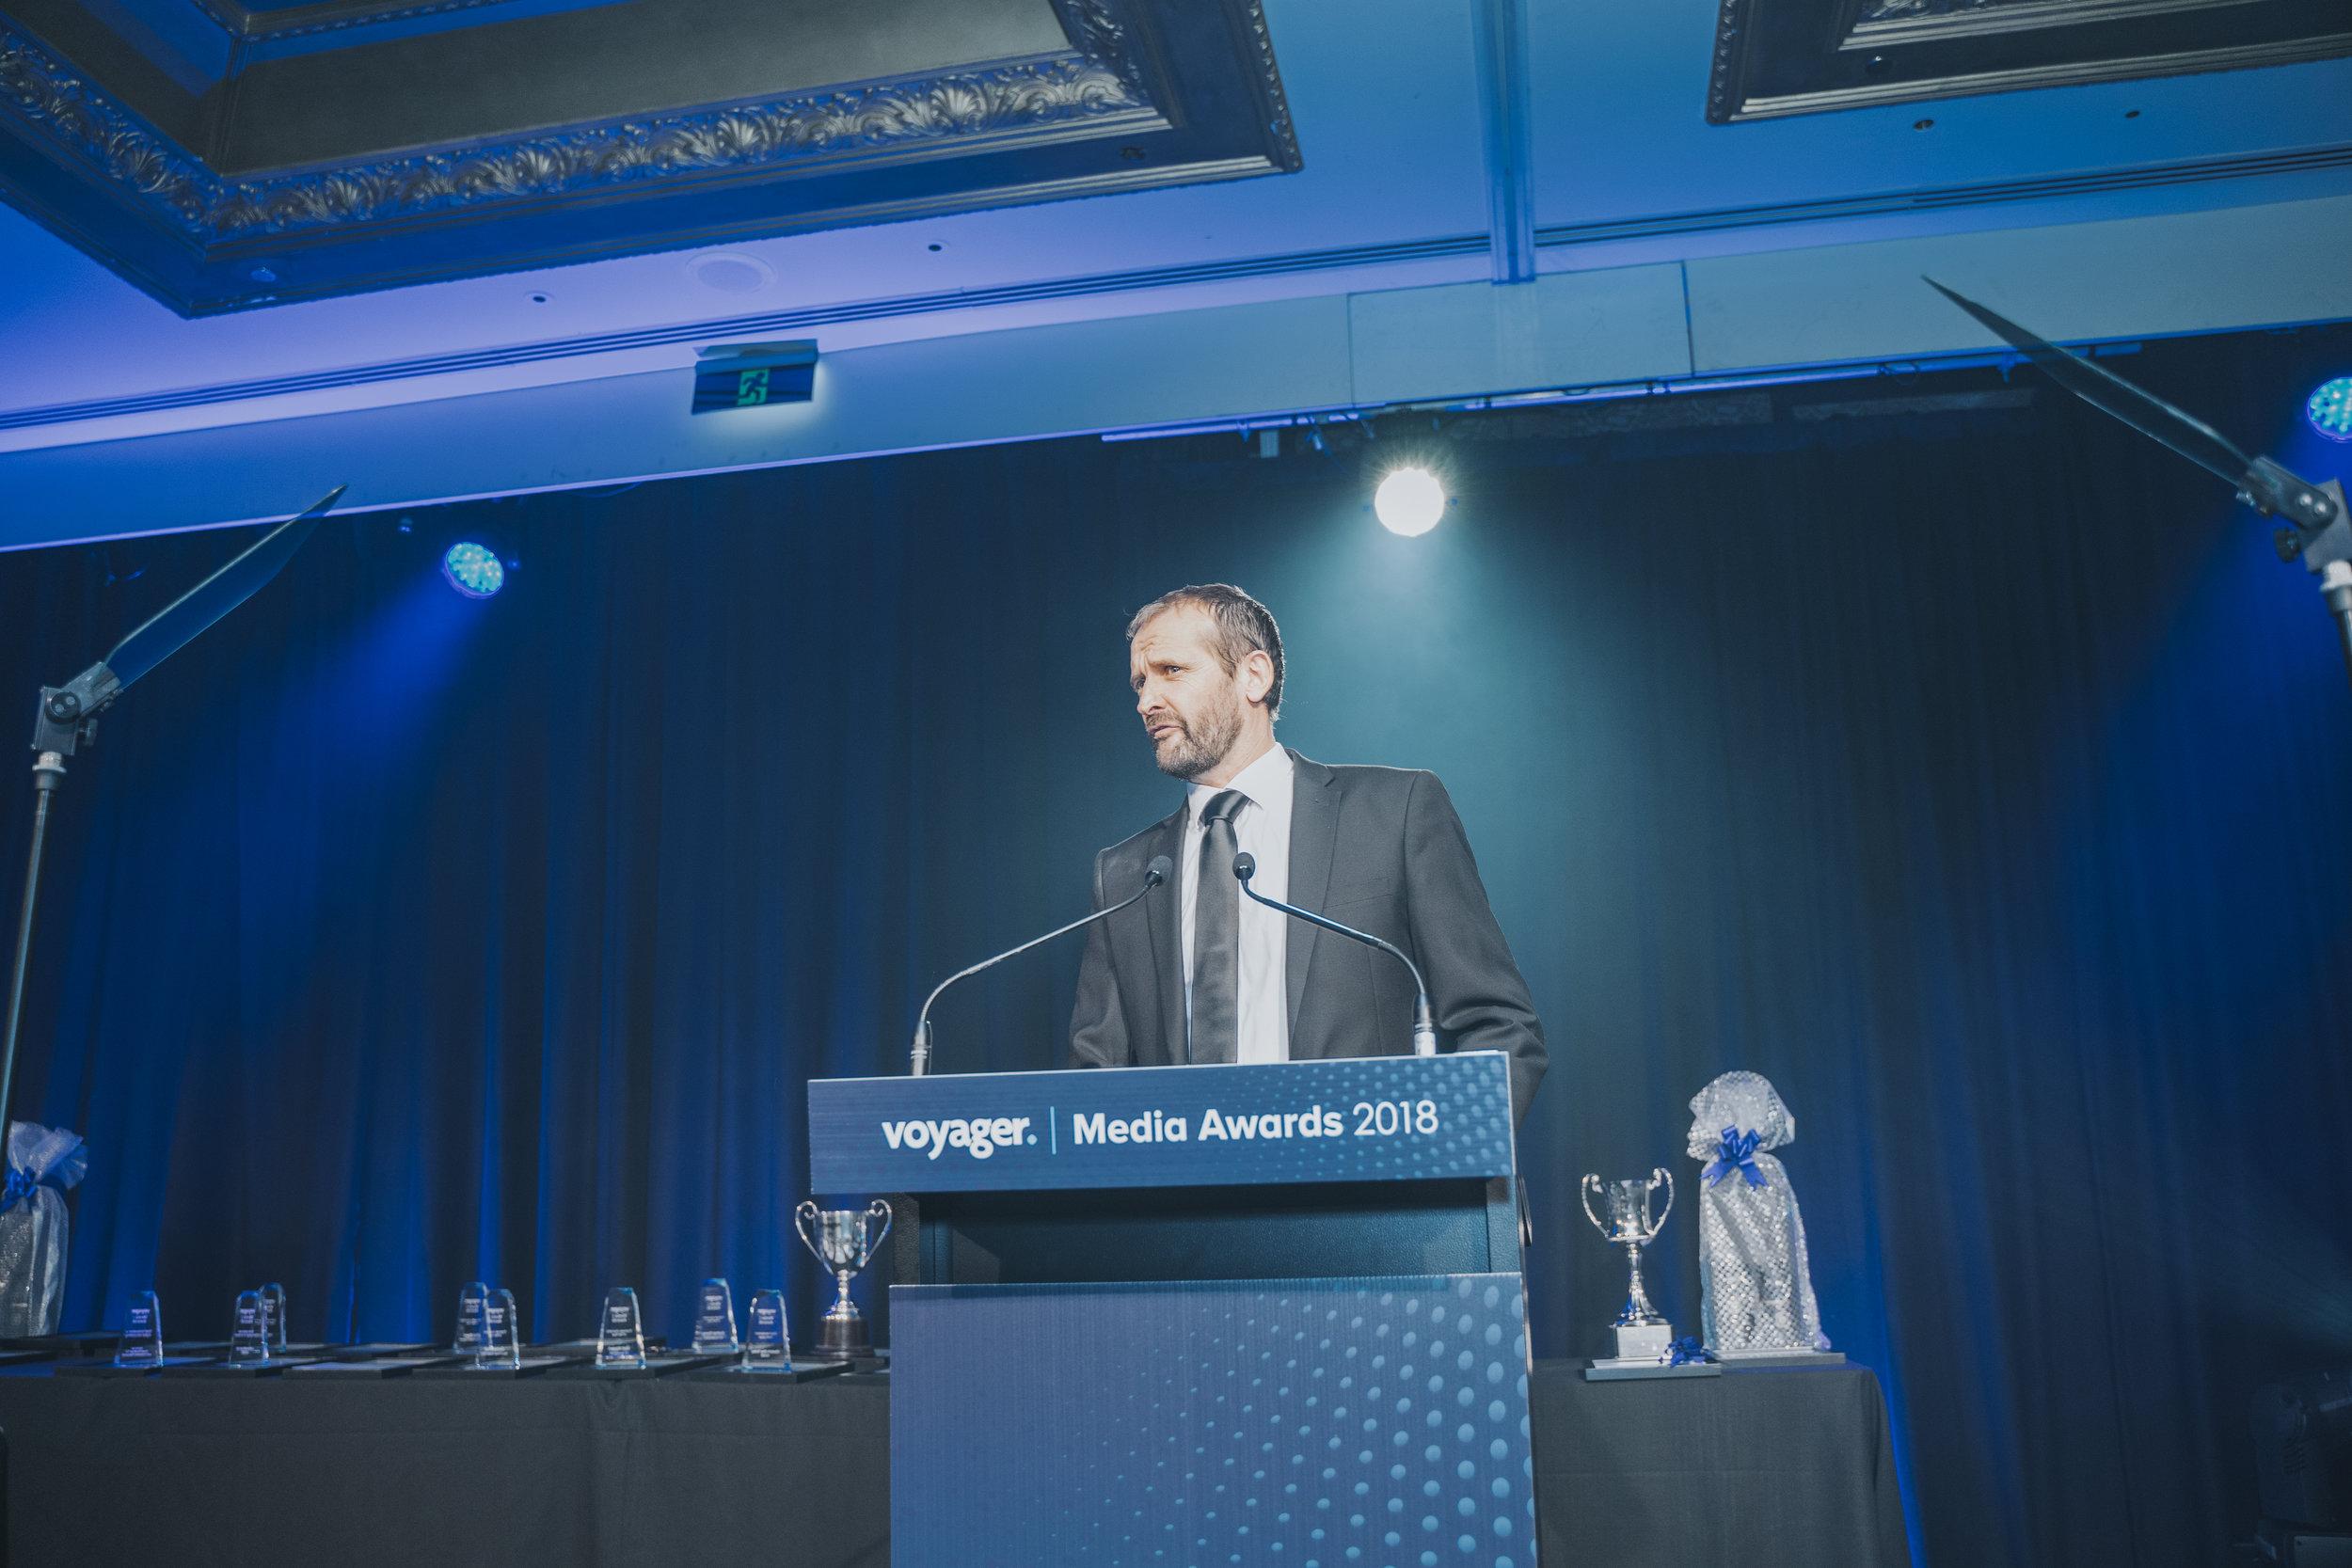 Voyager Media Awards 2018-192.JPG